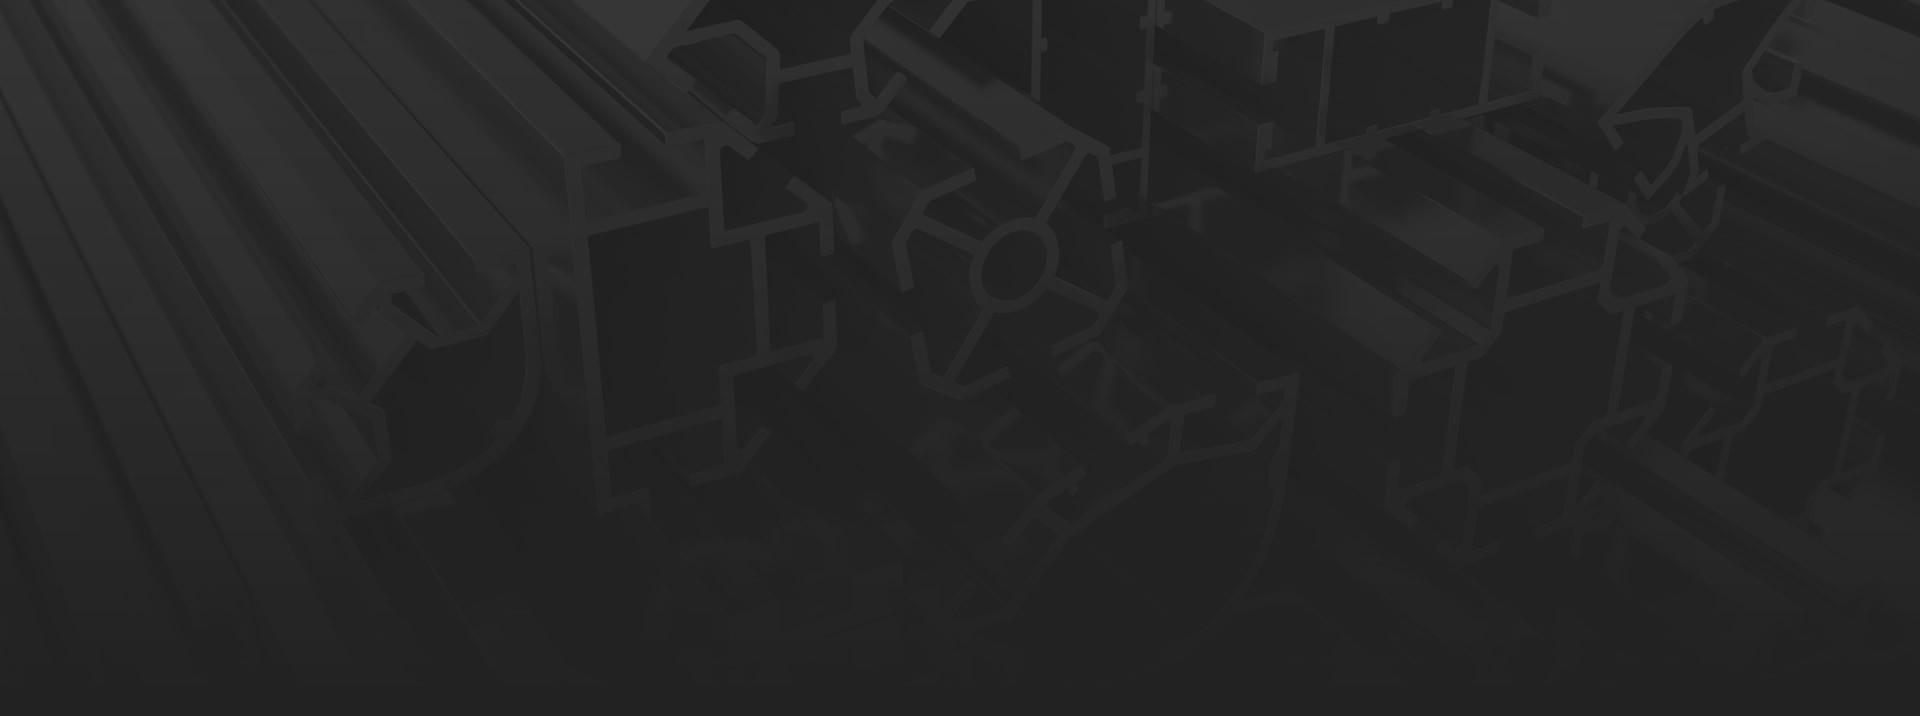 Emmegisoft Slide News 02 en